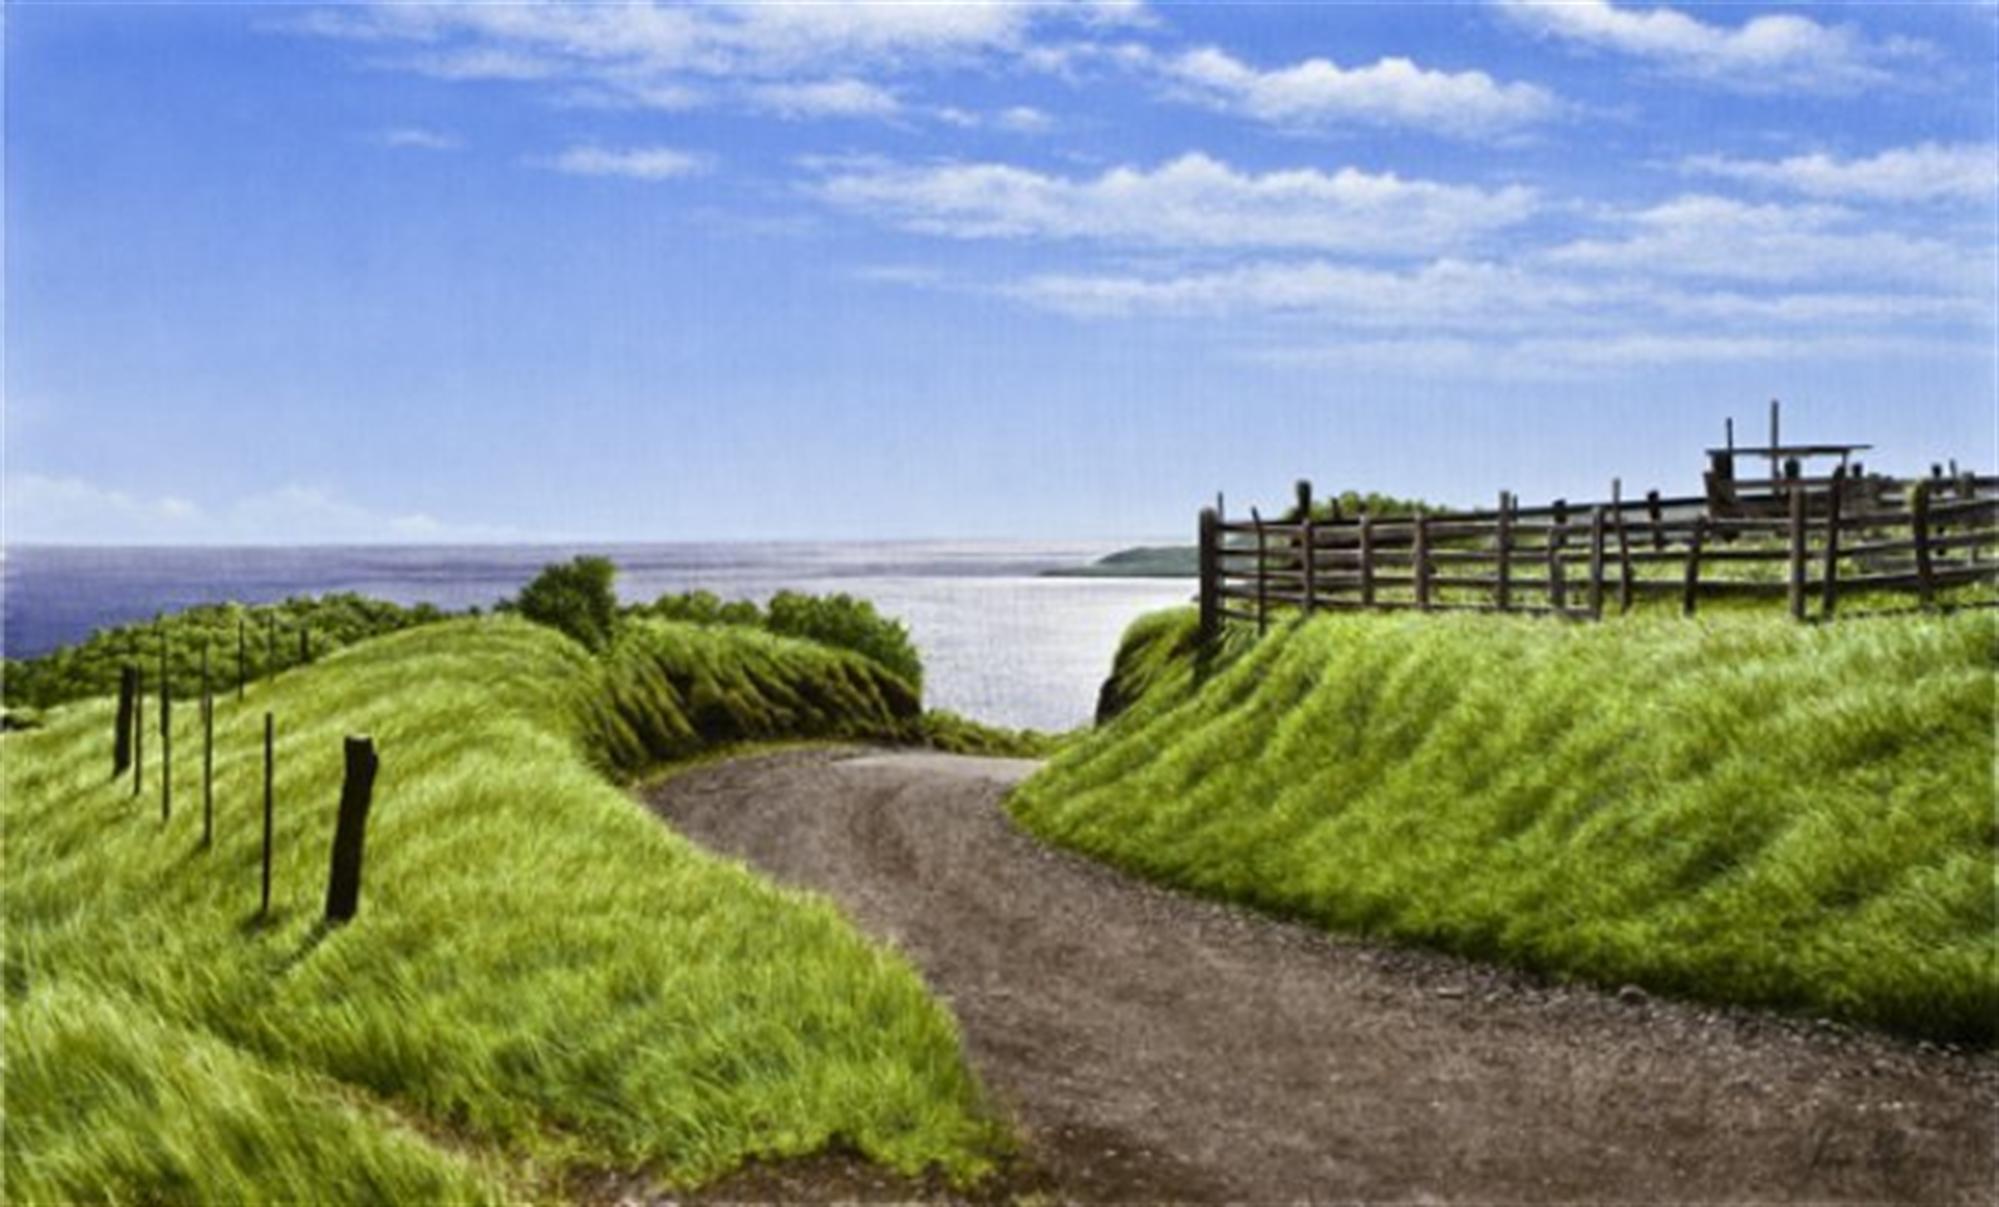 Road to Hana by Alexander Volkov